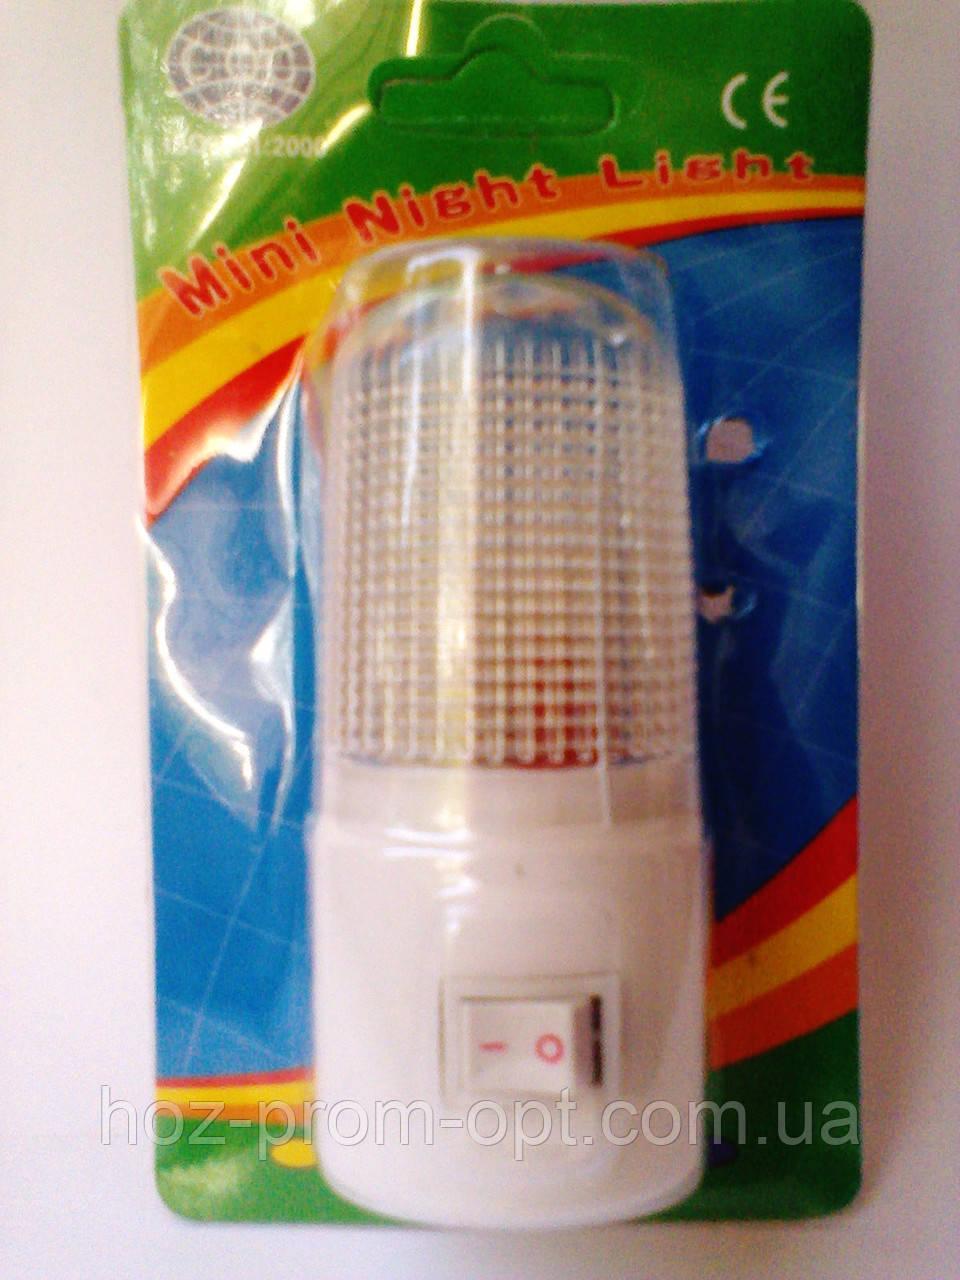 Ночник  LED с включателем.